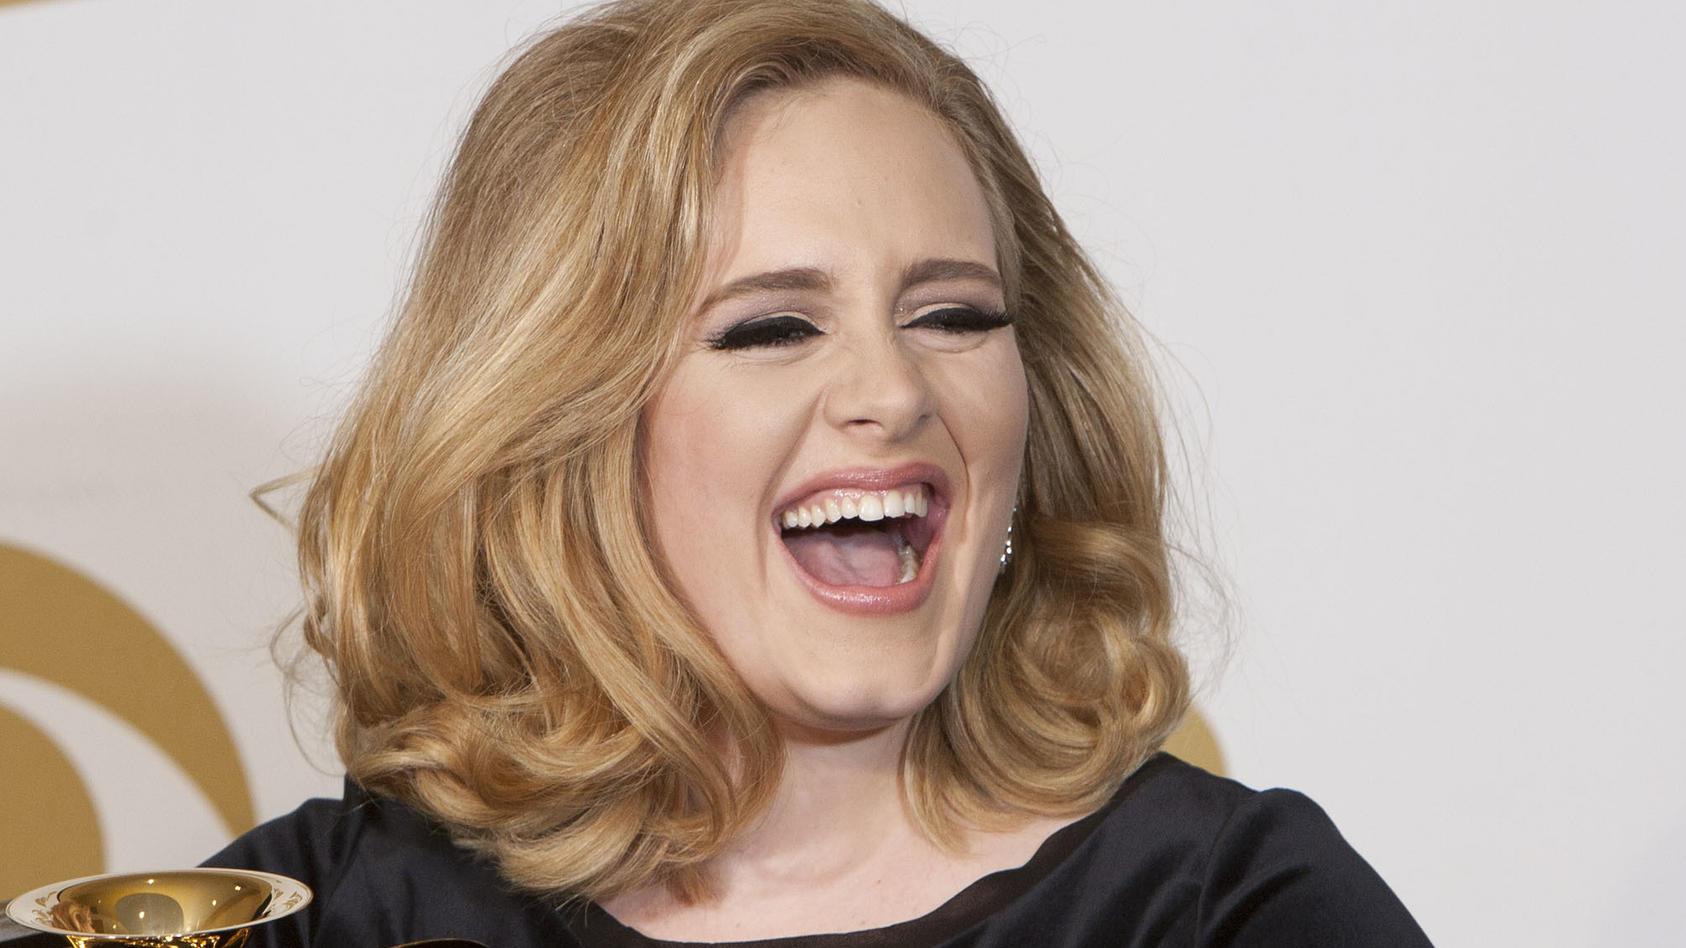 Adele trägt die Haare normalerweise voluminös, aber glatt. Auf Instagram zeigt sie sich jetzt mit langer Lockenpracht.